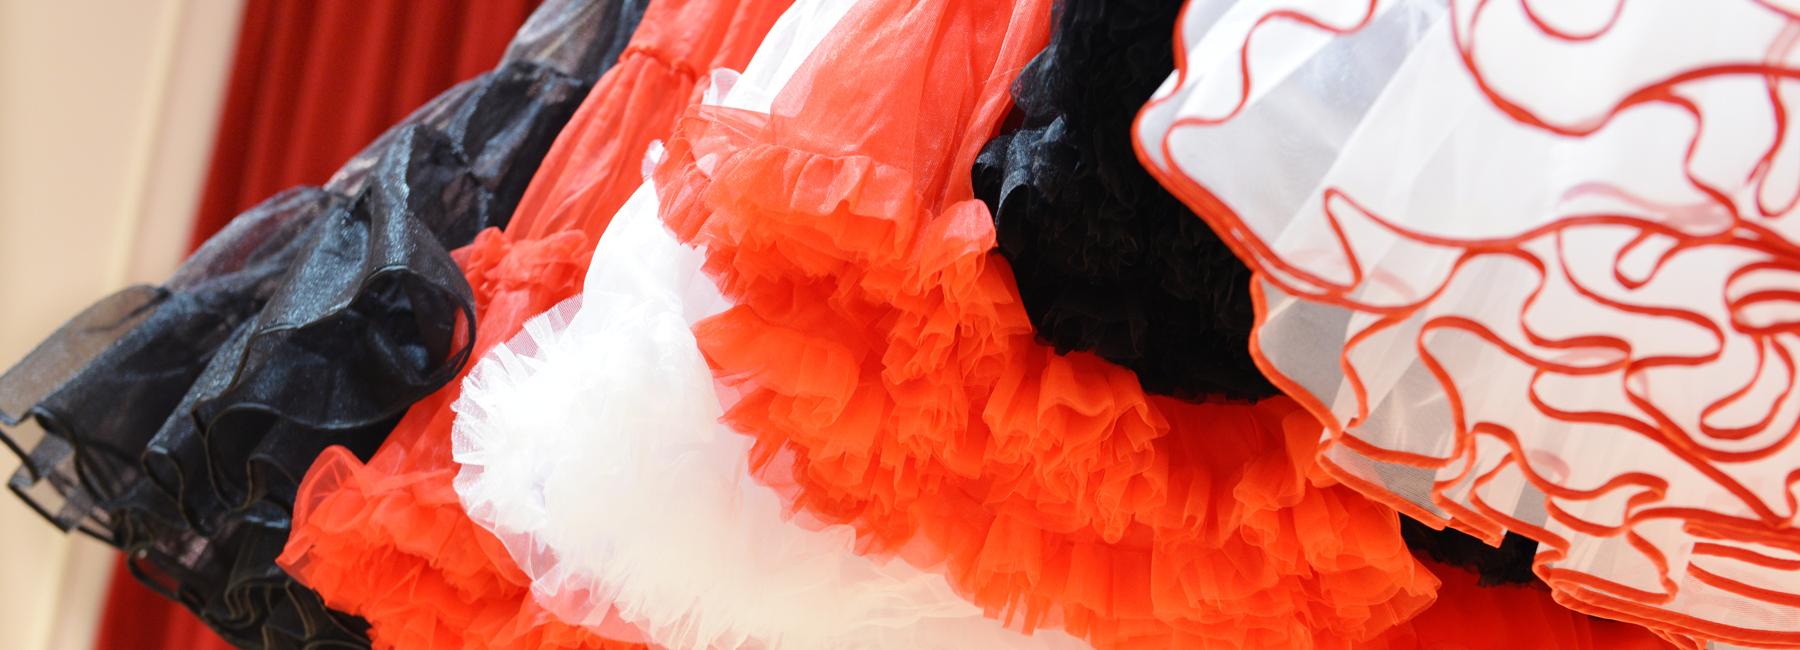 Unerlässlich für einen typischen 50er Jahre Look: Ein voller Petticoat, der Röcke und Kleider weit schwingen lässt und auf Wunsch mit einer süßen Rüsche hervorblitzt.